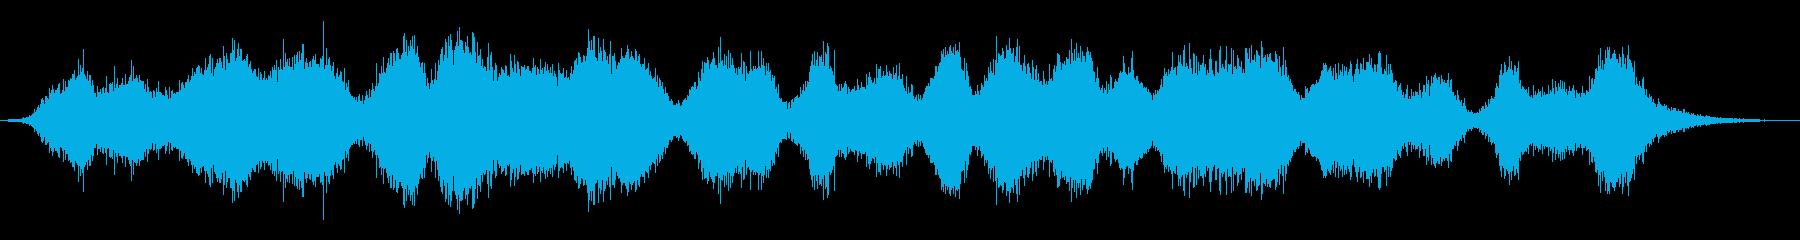 シミュレートされた雨の音:さまざま...の再生済みの波形